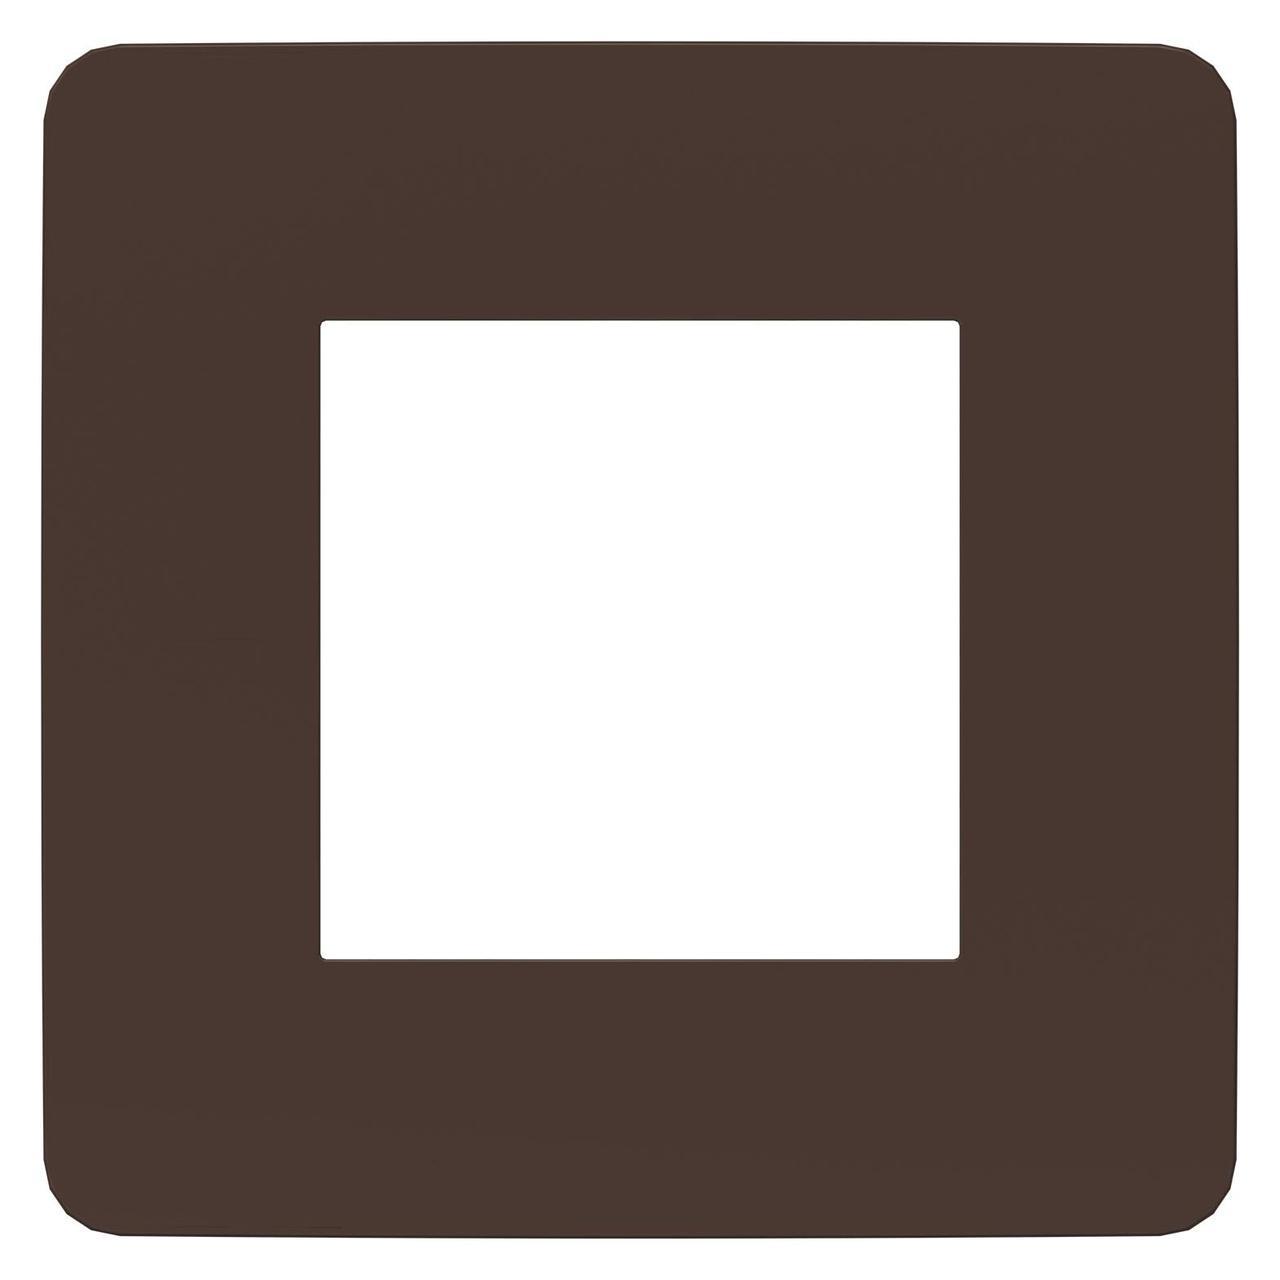 Рамка 1-ая (одинарная), Шоколад/Белый, серия Unica Studio, Schneider Electric